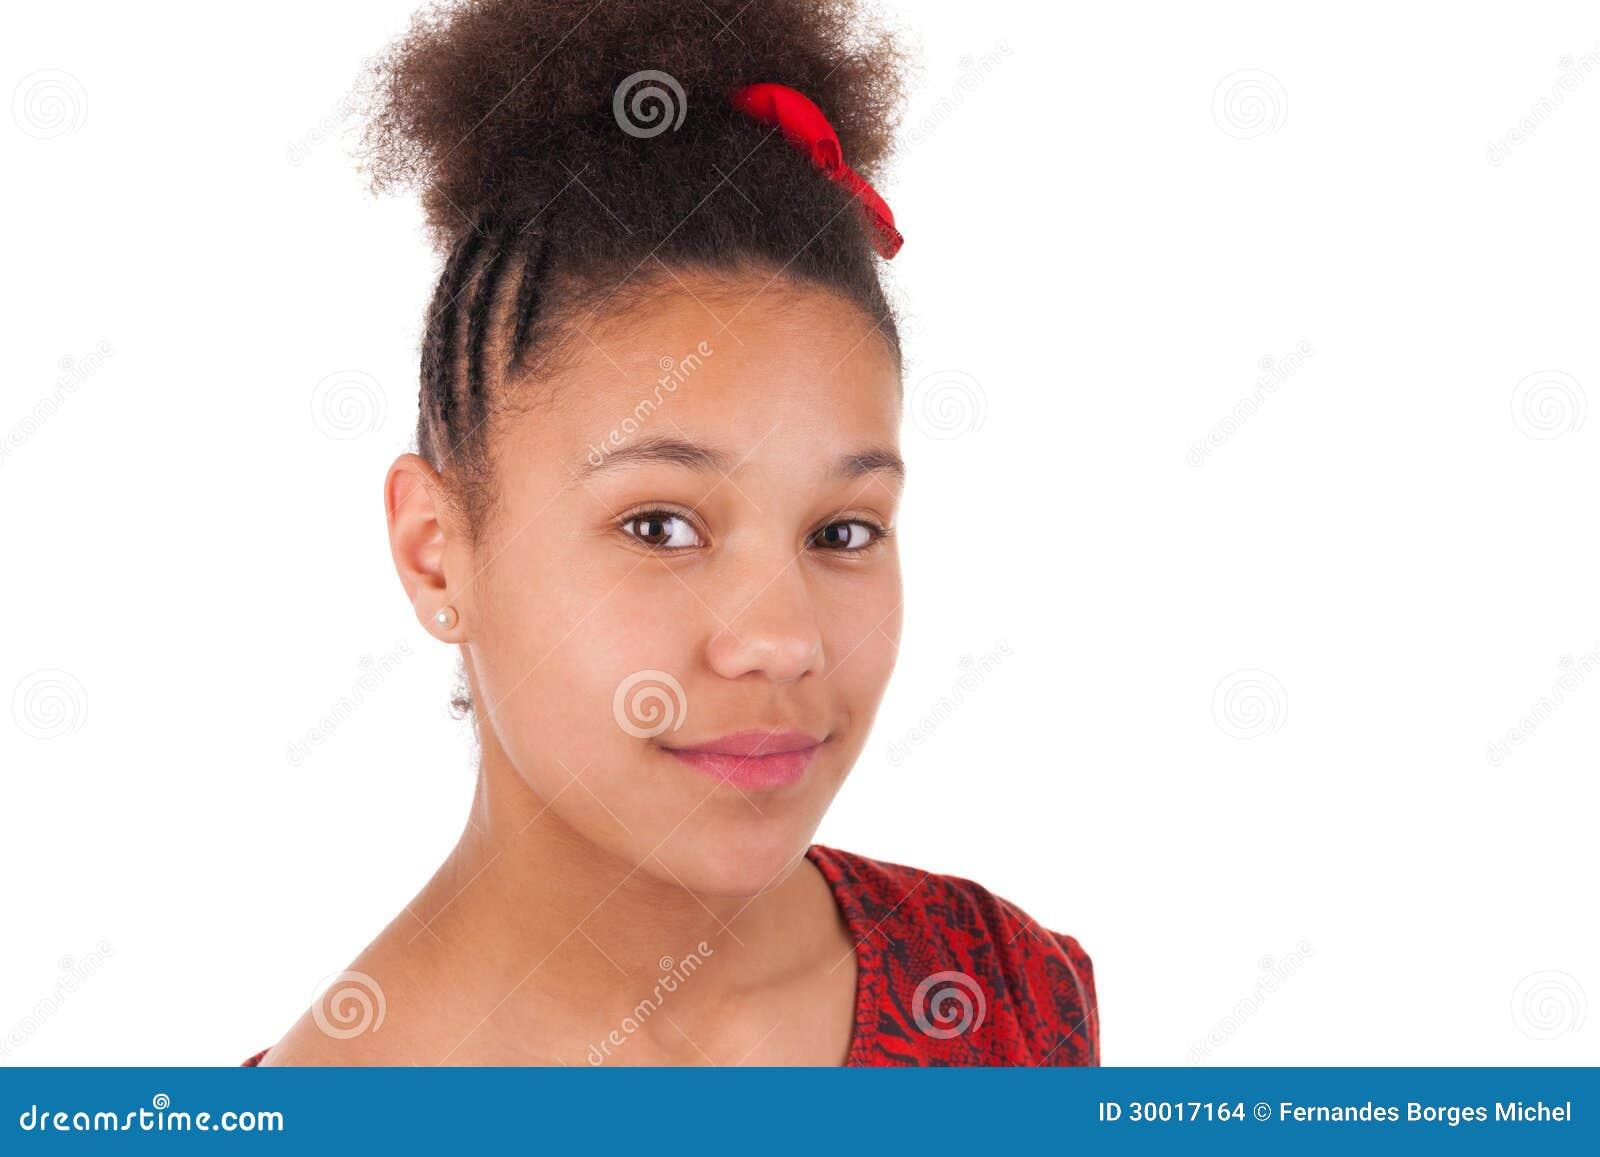 欧美少女美六写真�_年轻黑人头发分享展示